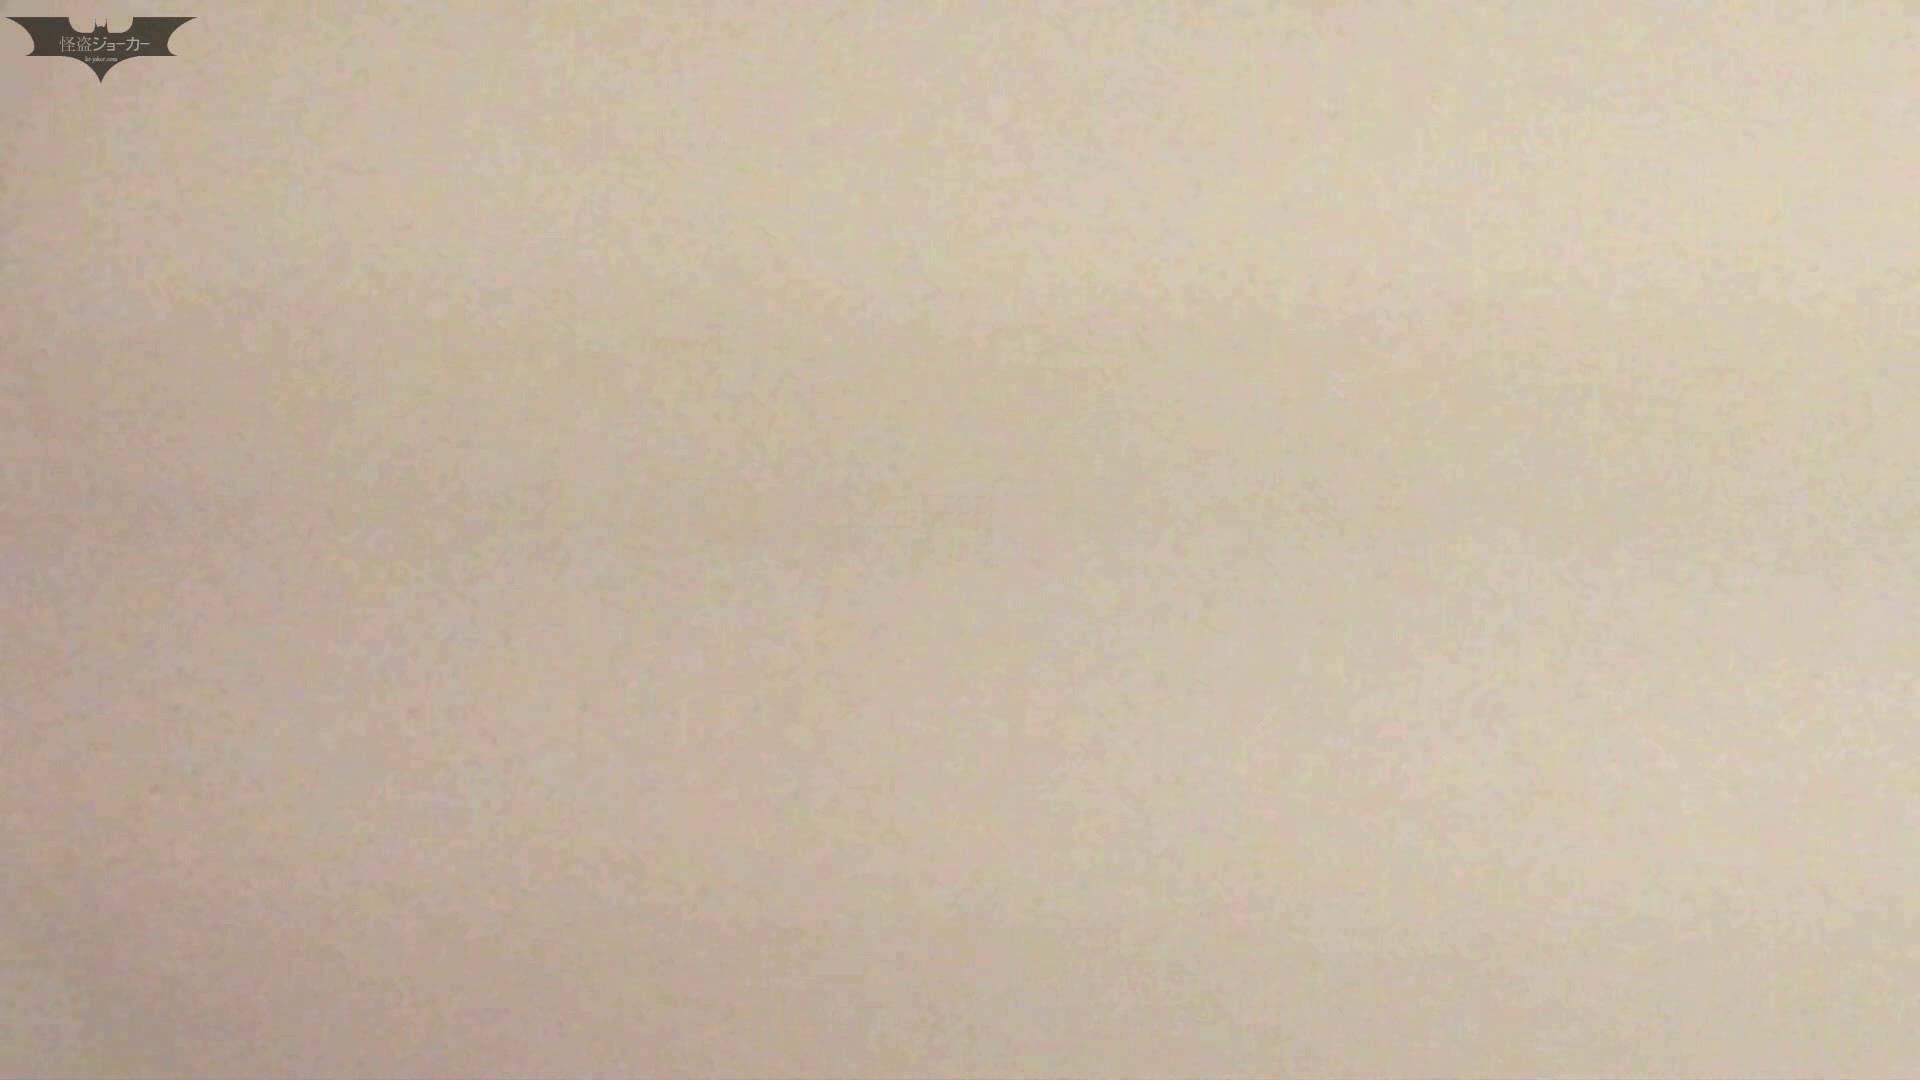 新世界の射窓 No64日本ギャル登場か?ハイヒール大特集! 高画質  75PIX 31